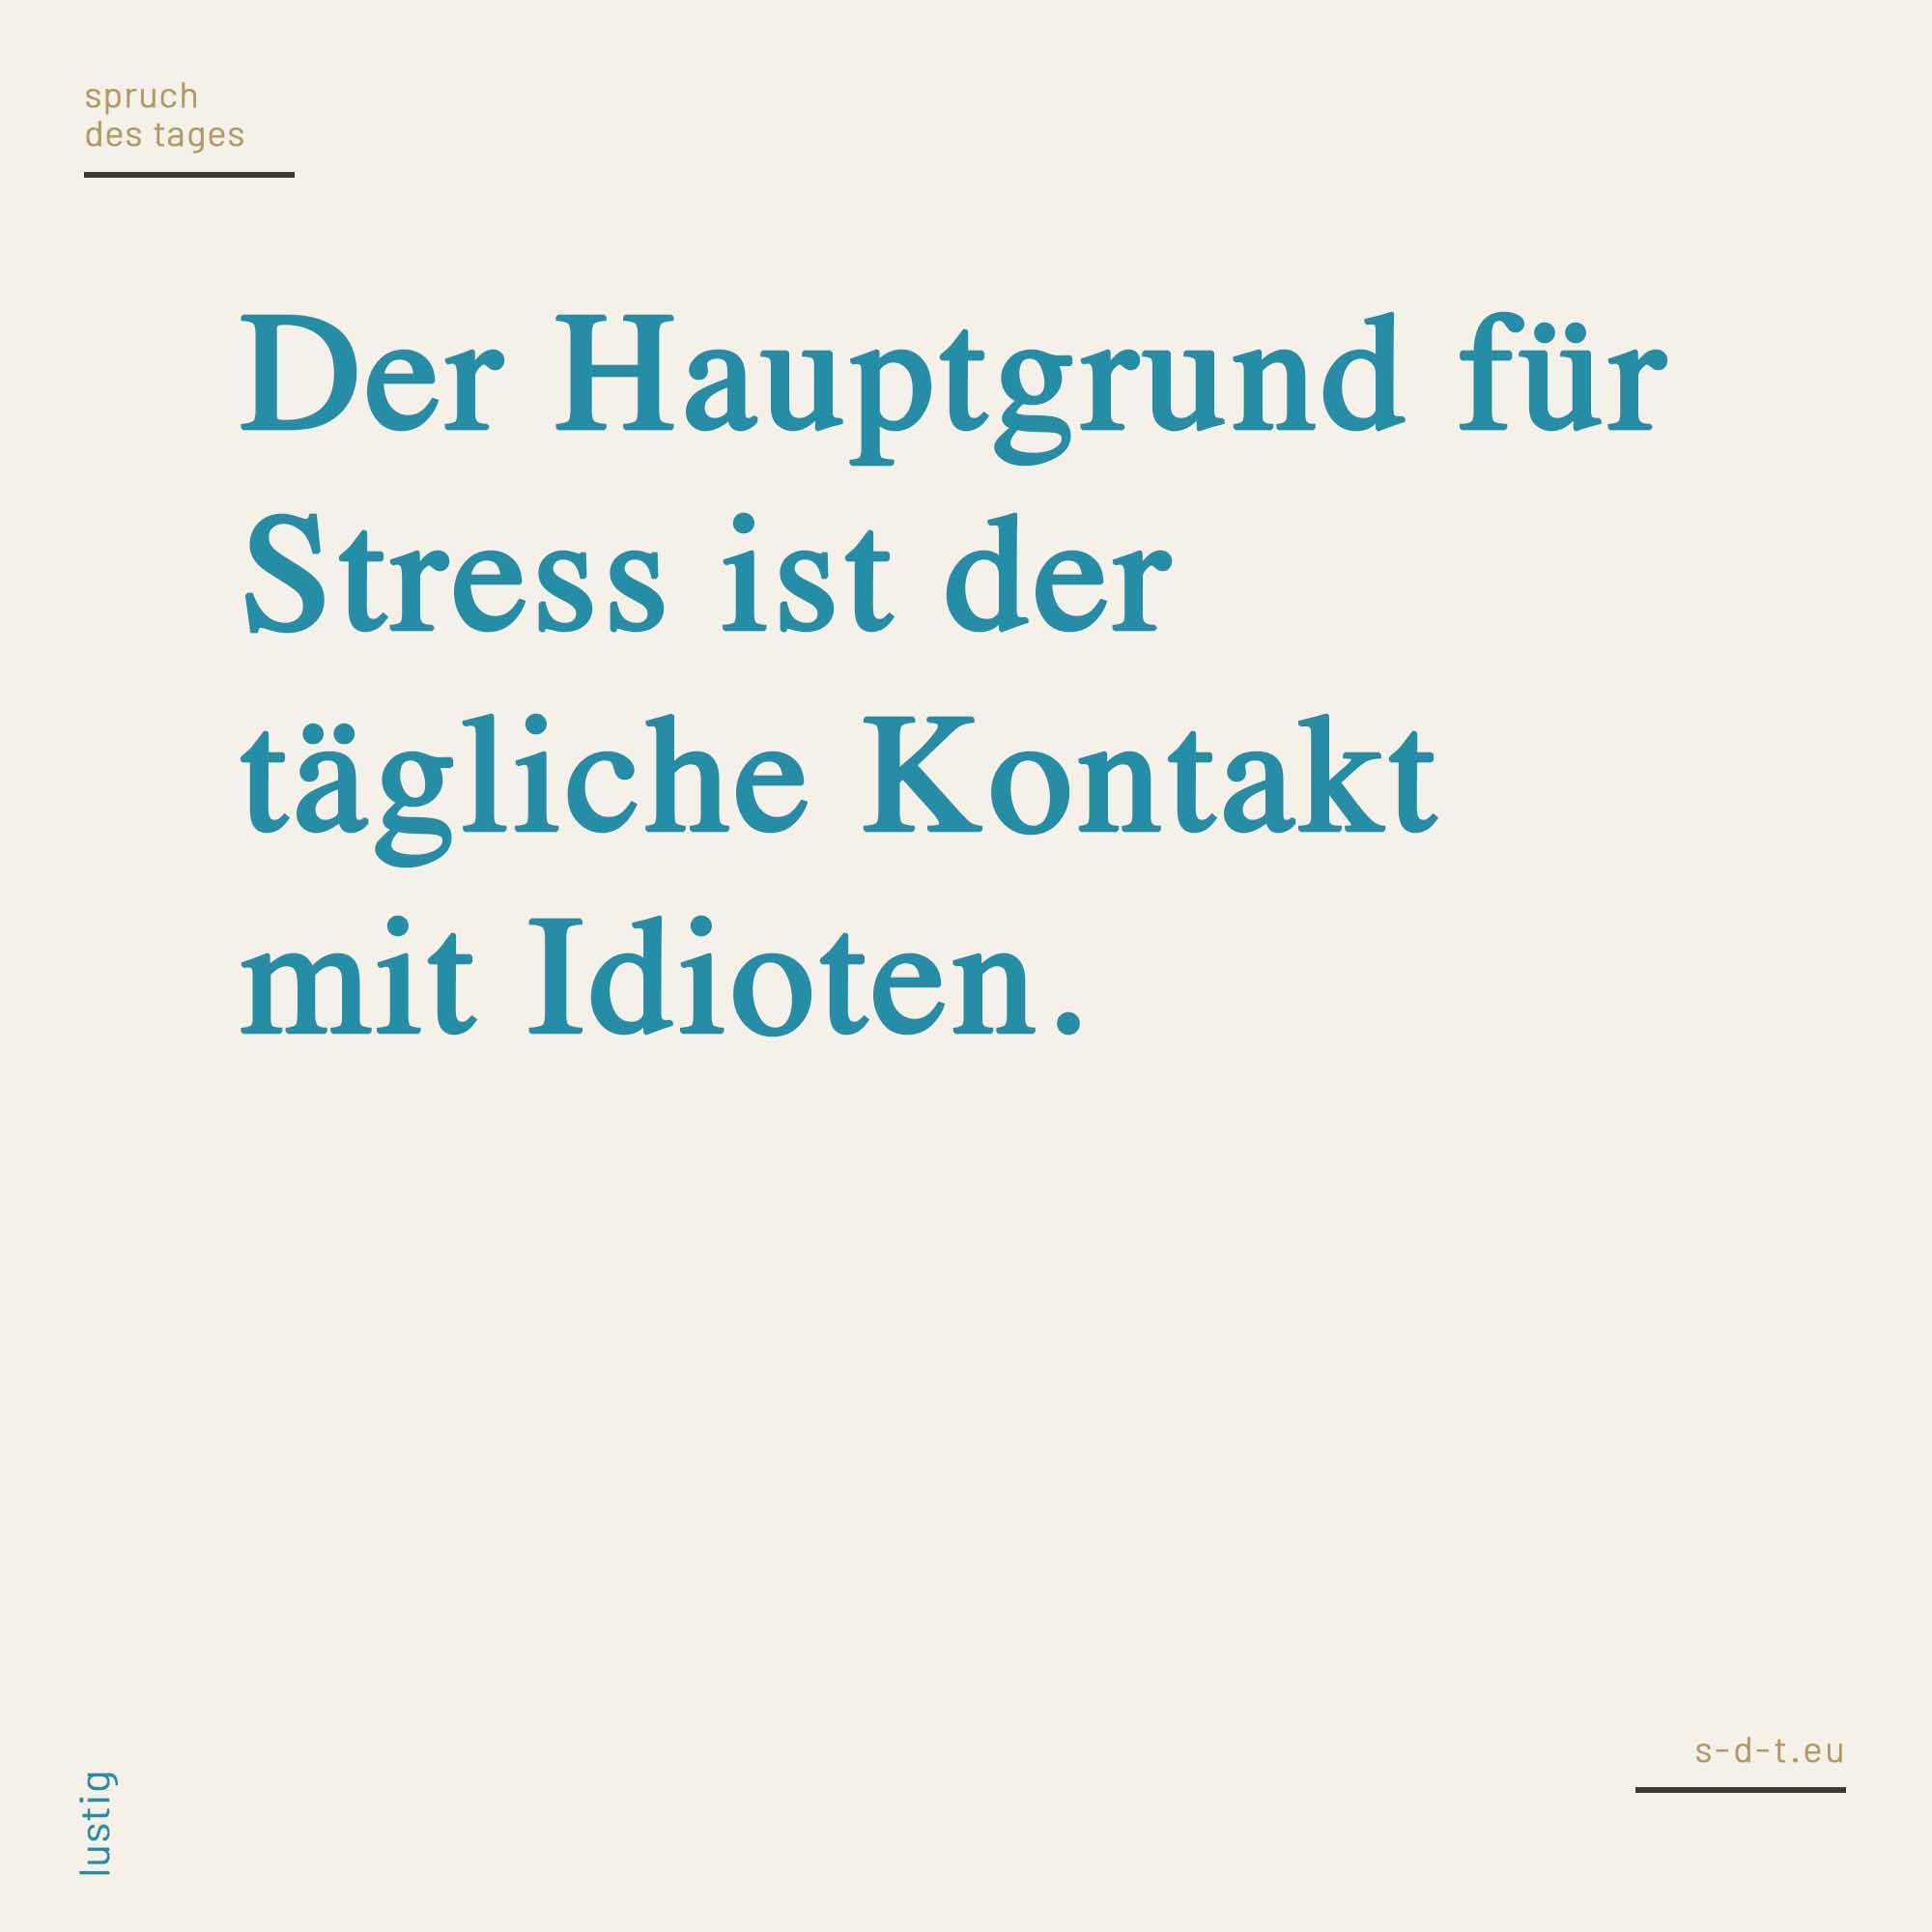 Der Hauptgrund Fur Stress Ist Der Tagliche Kontakt Mit Idioten